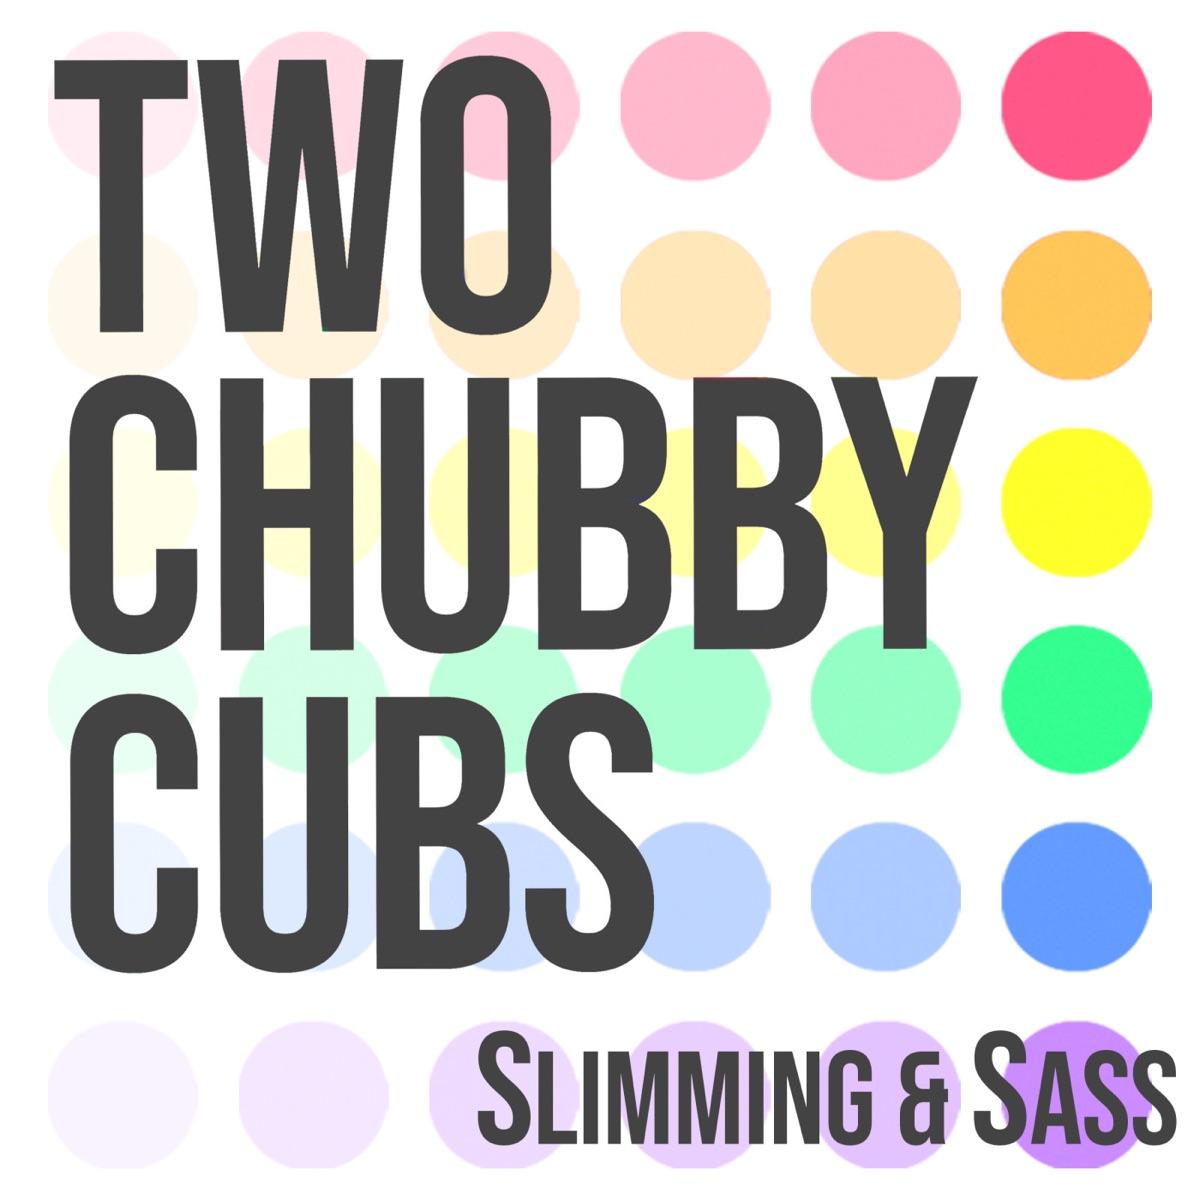 Slimming & Sass